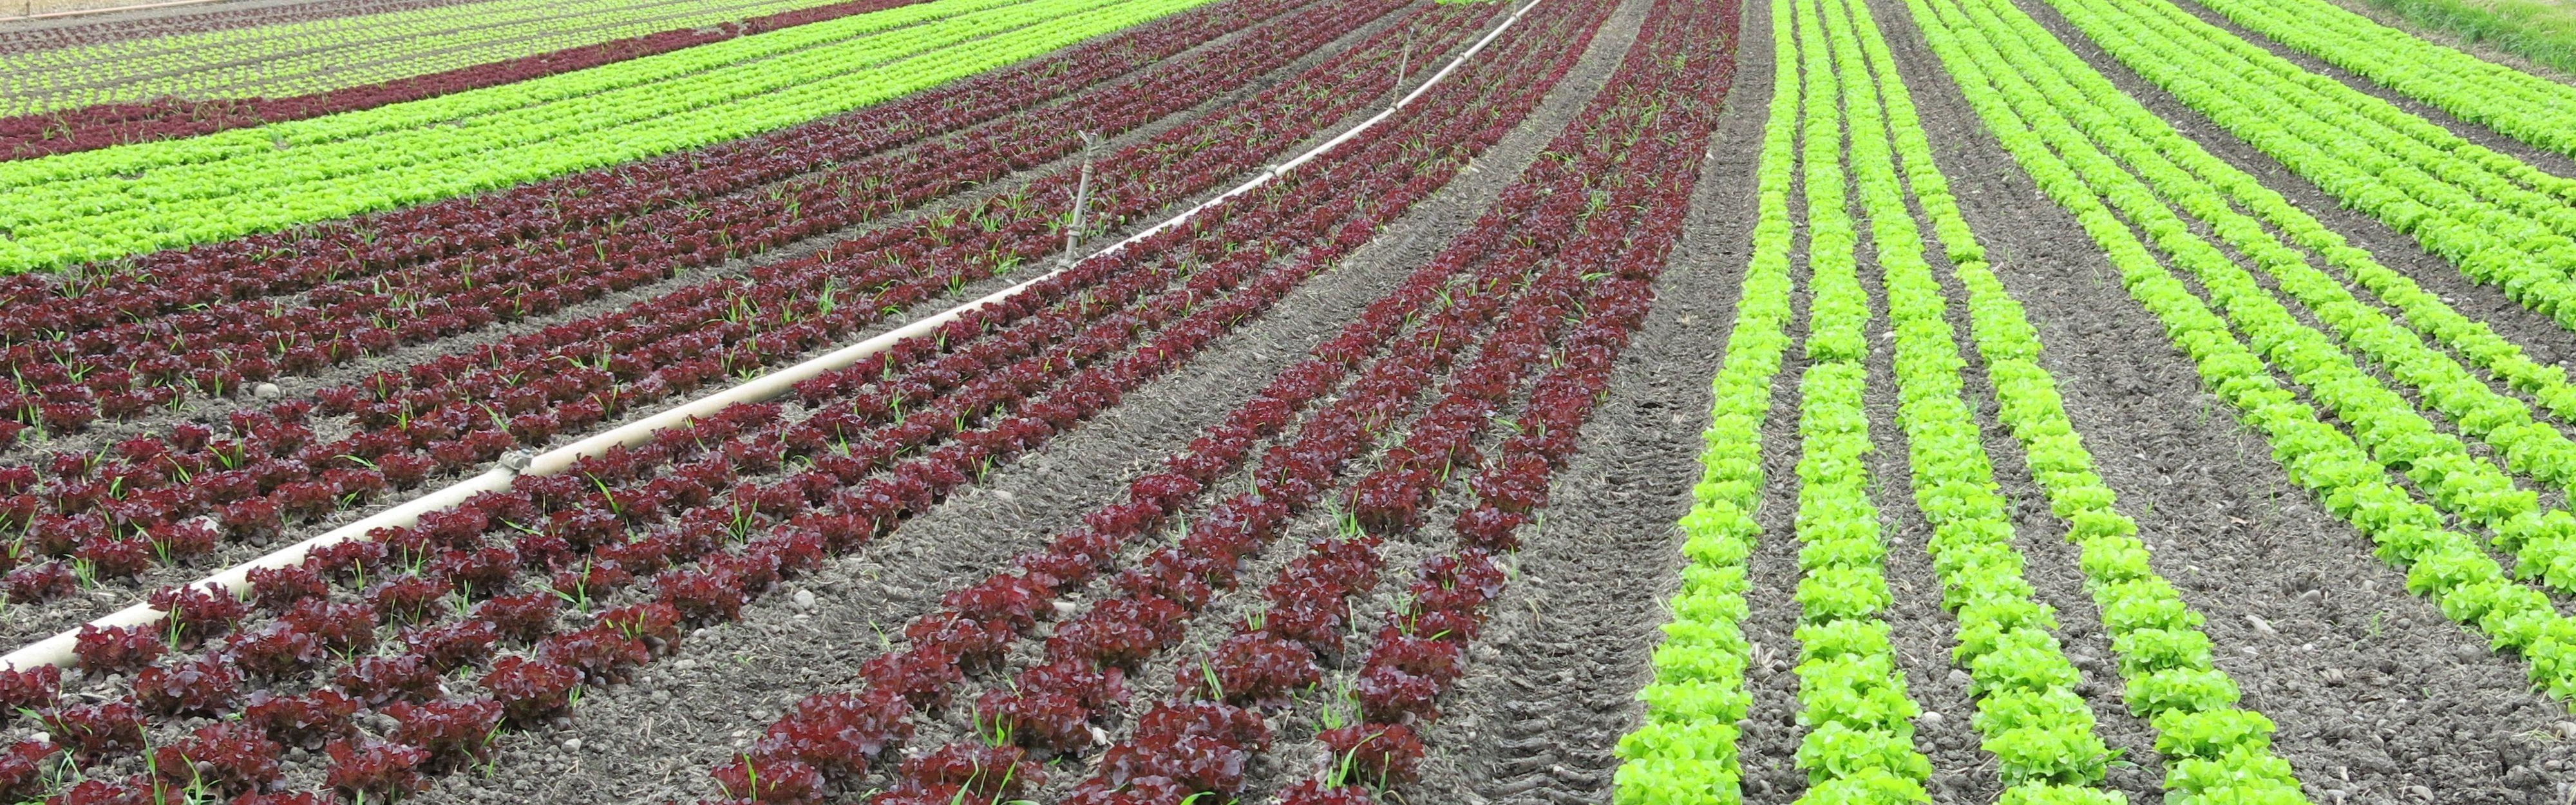 salatfeld farbig seeland